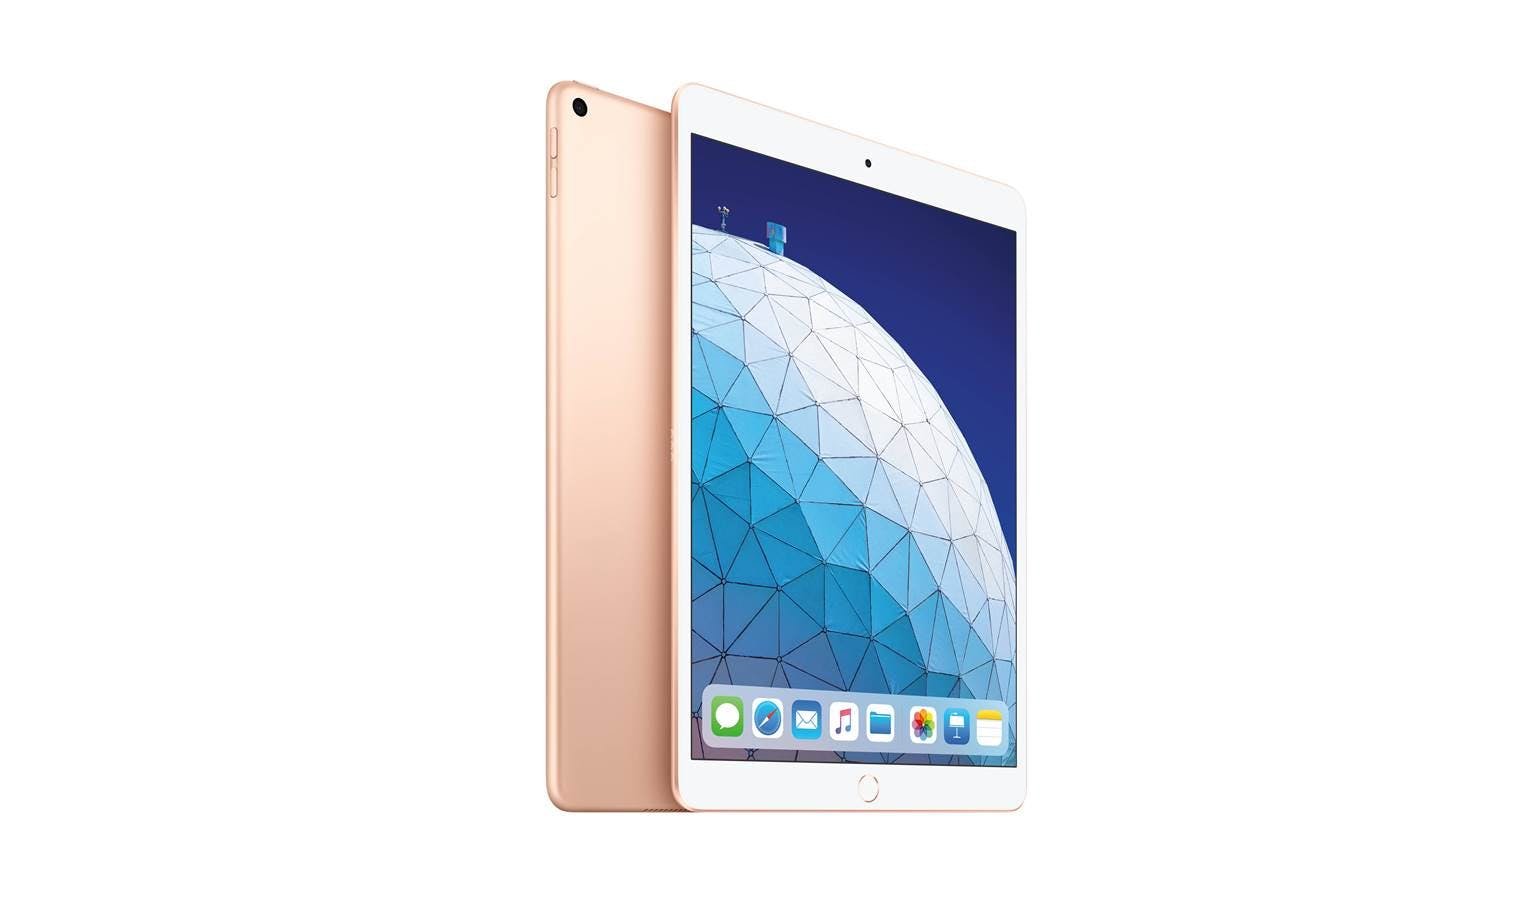 Dé verschillen tussen de iPad 2018 en iPad Air 2019